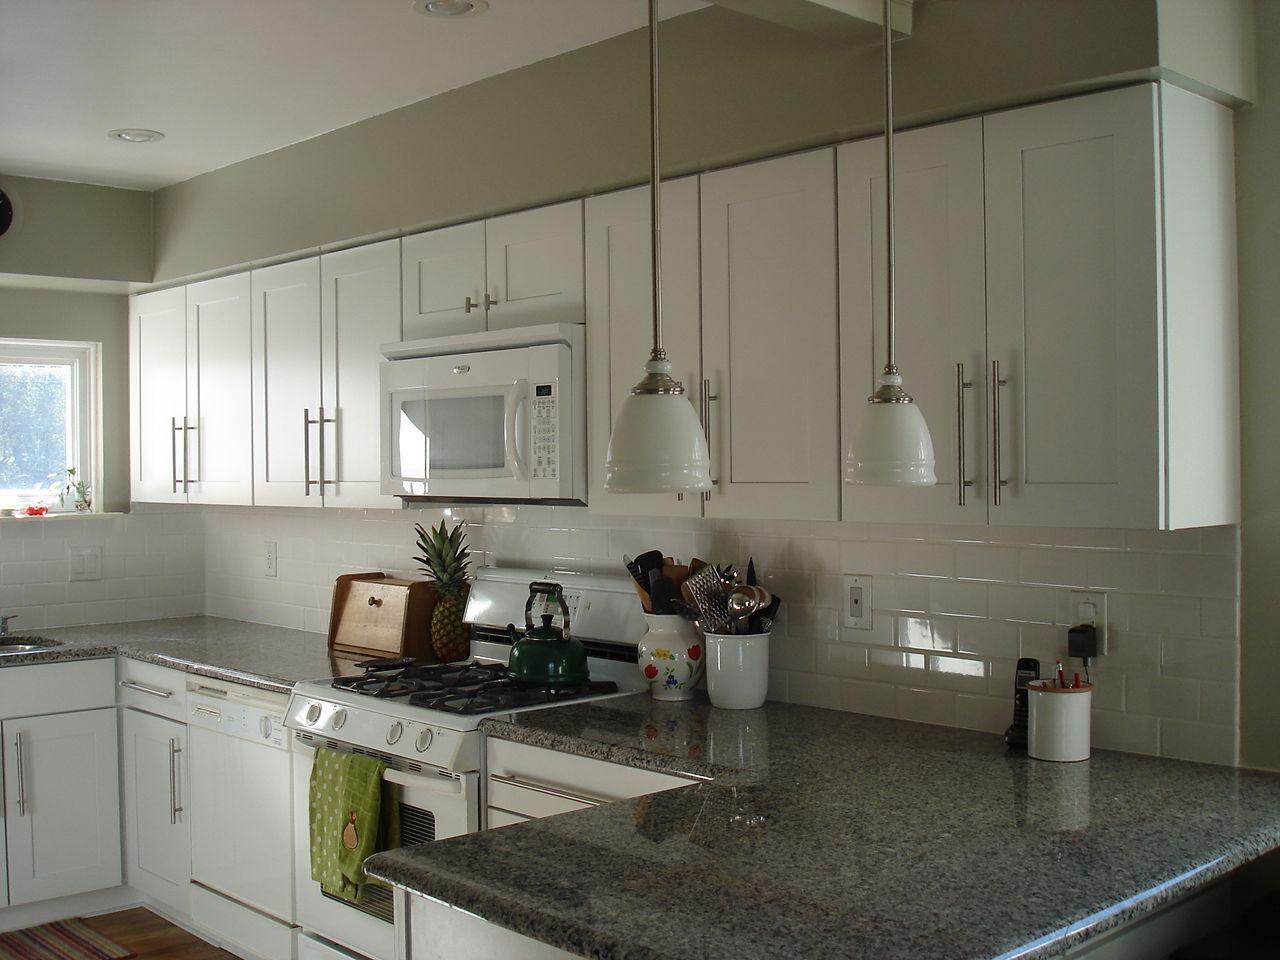 Jennifer Wilson Kitchen And Bathroom Designer Birmingham Mi Galley Kitchen Design Kitchen Remodel Kitchen